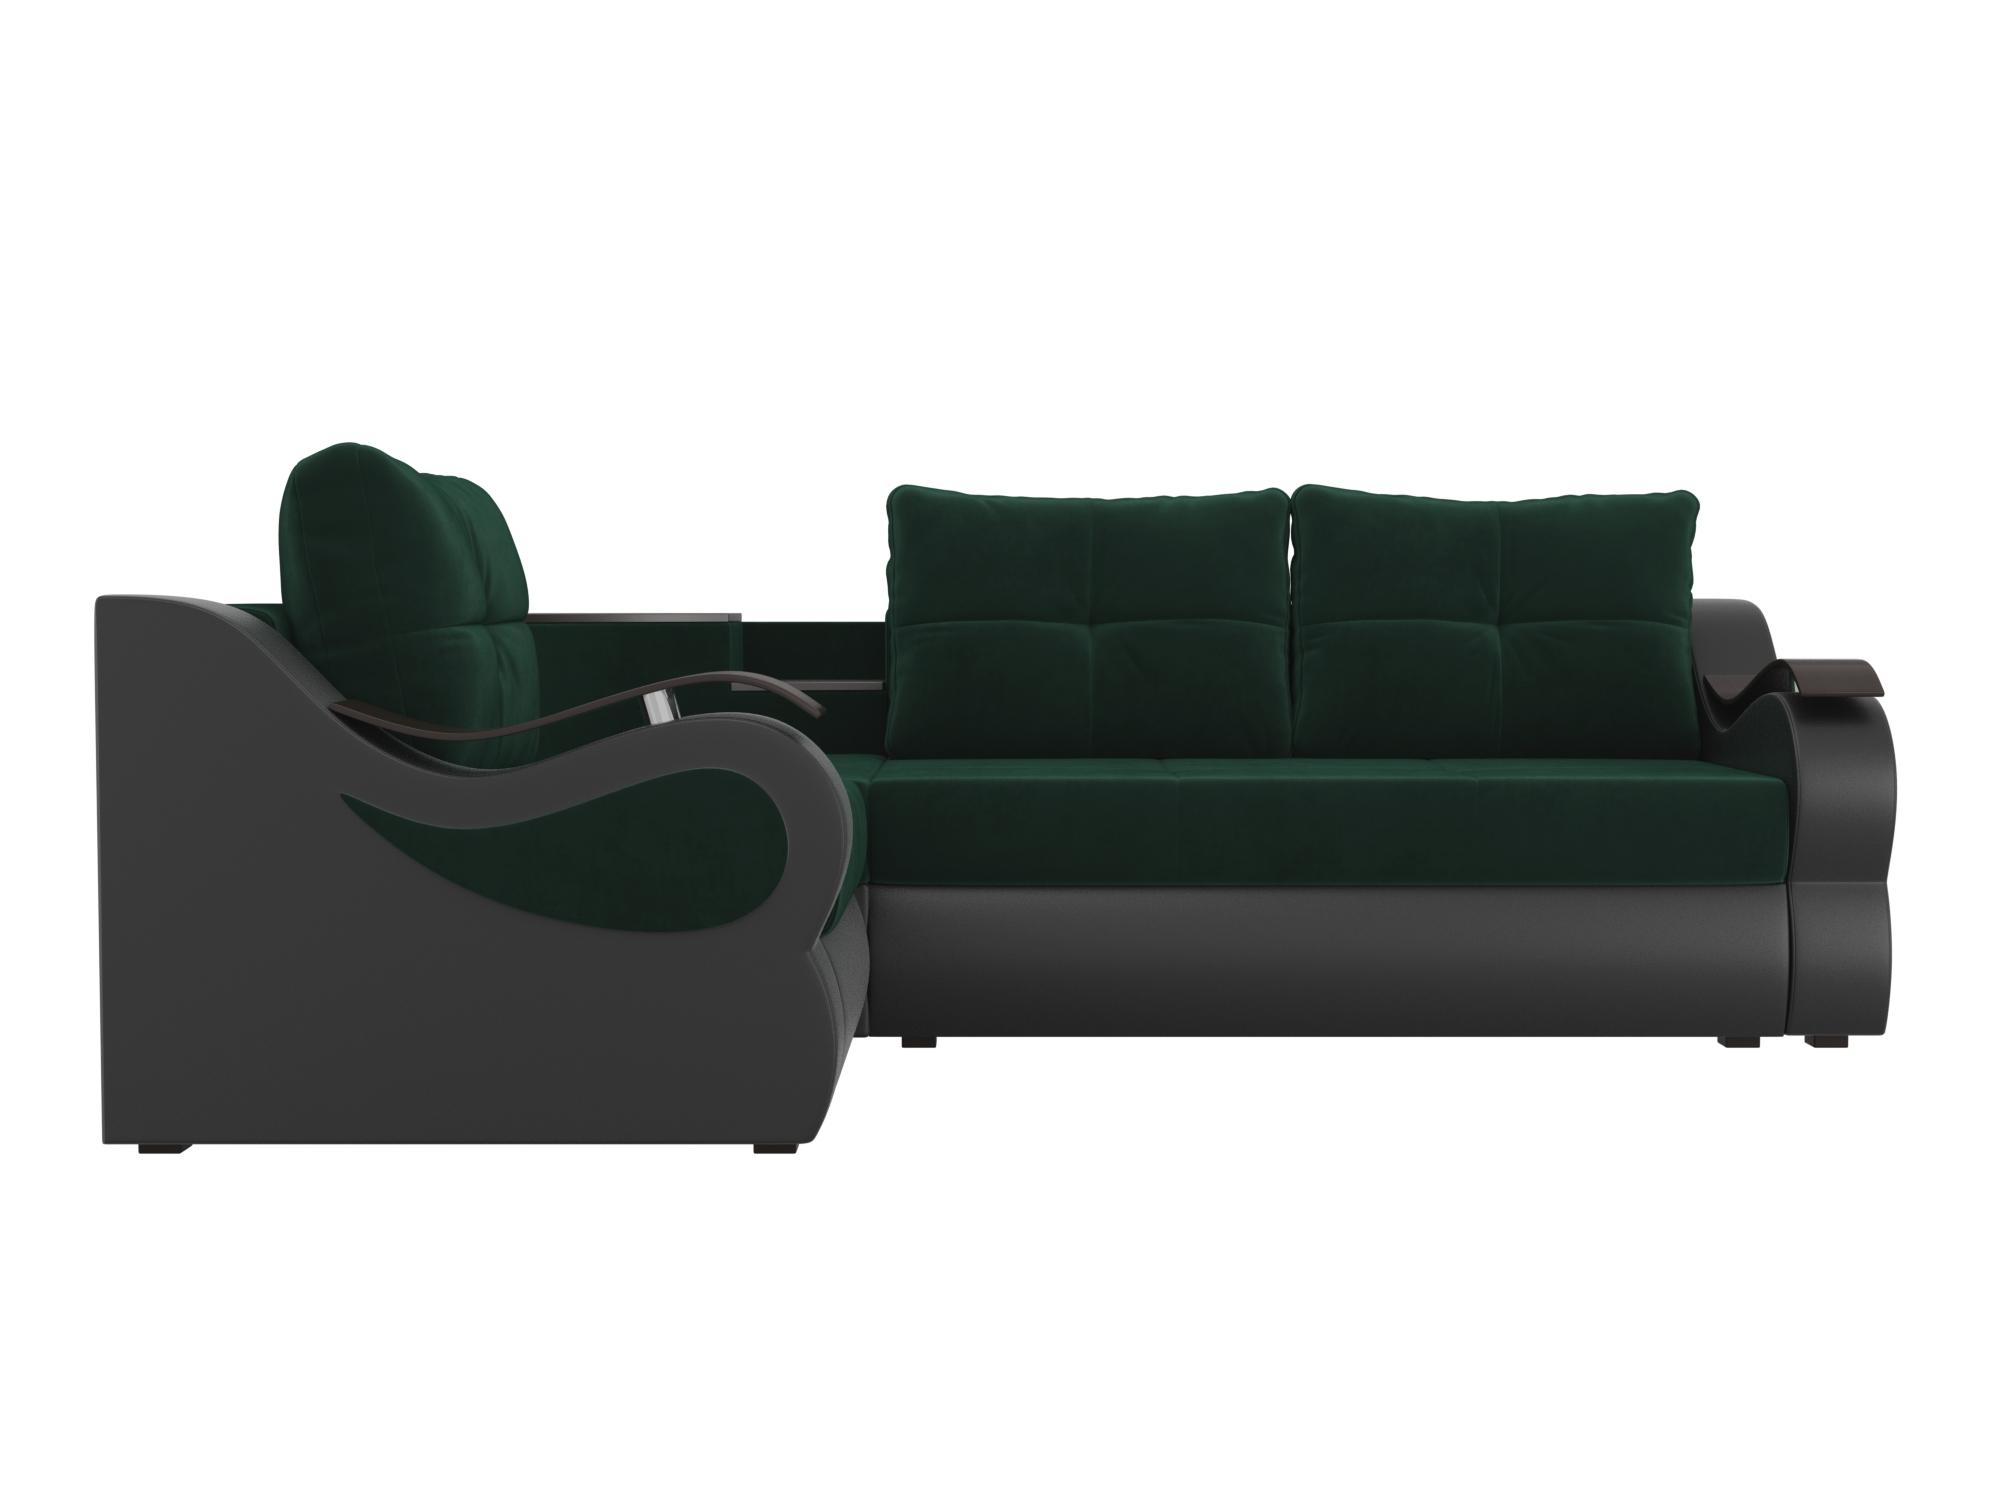 Угловой диван Митчелл Левый MebelVia Зеленый, Коричневый, Велюр, ЛДСП Зеленый, Коричневый